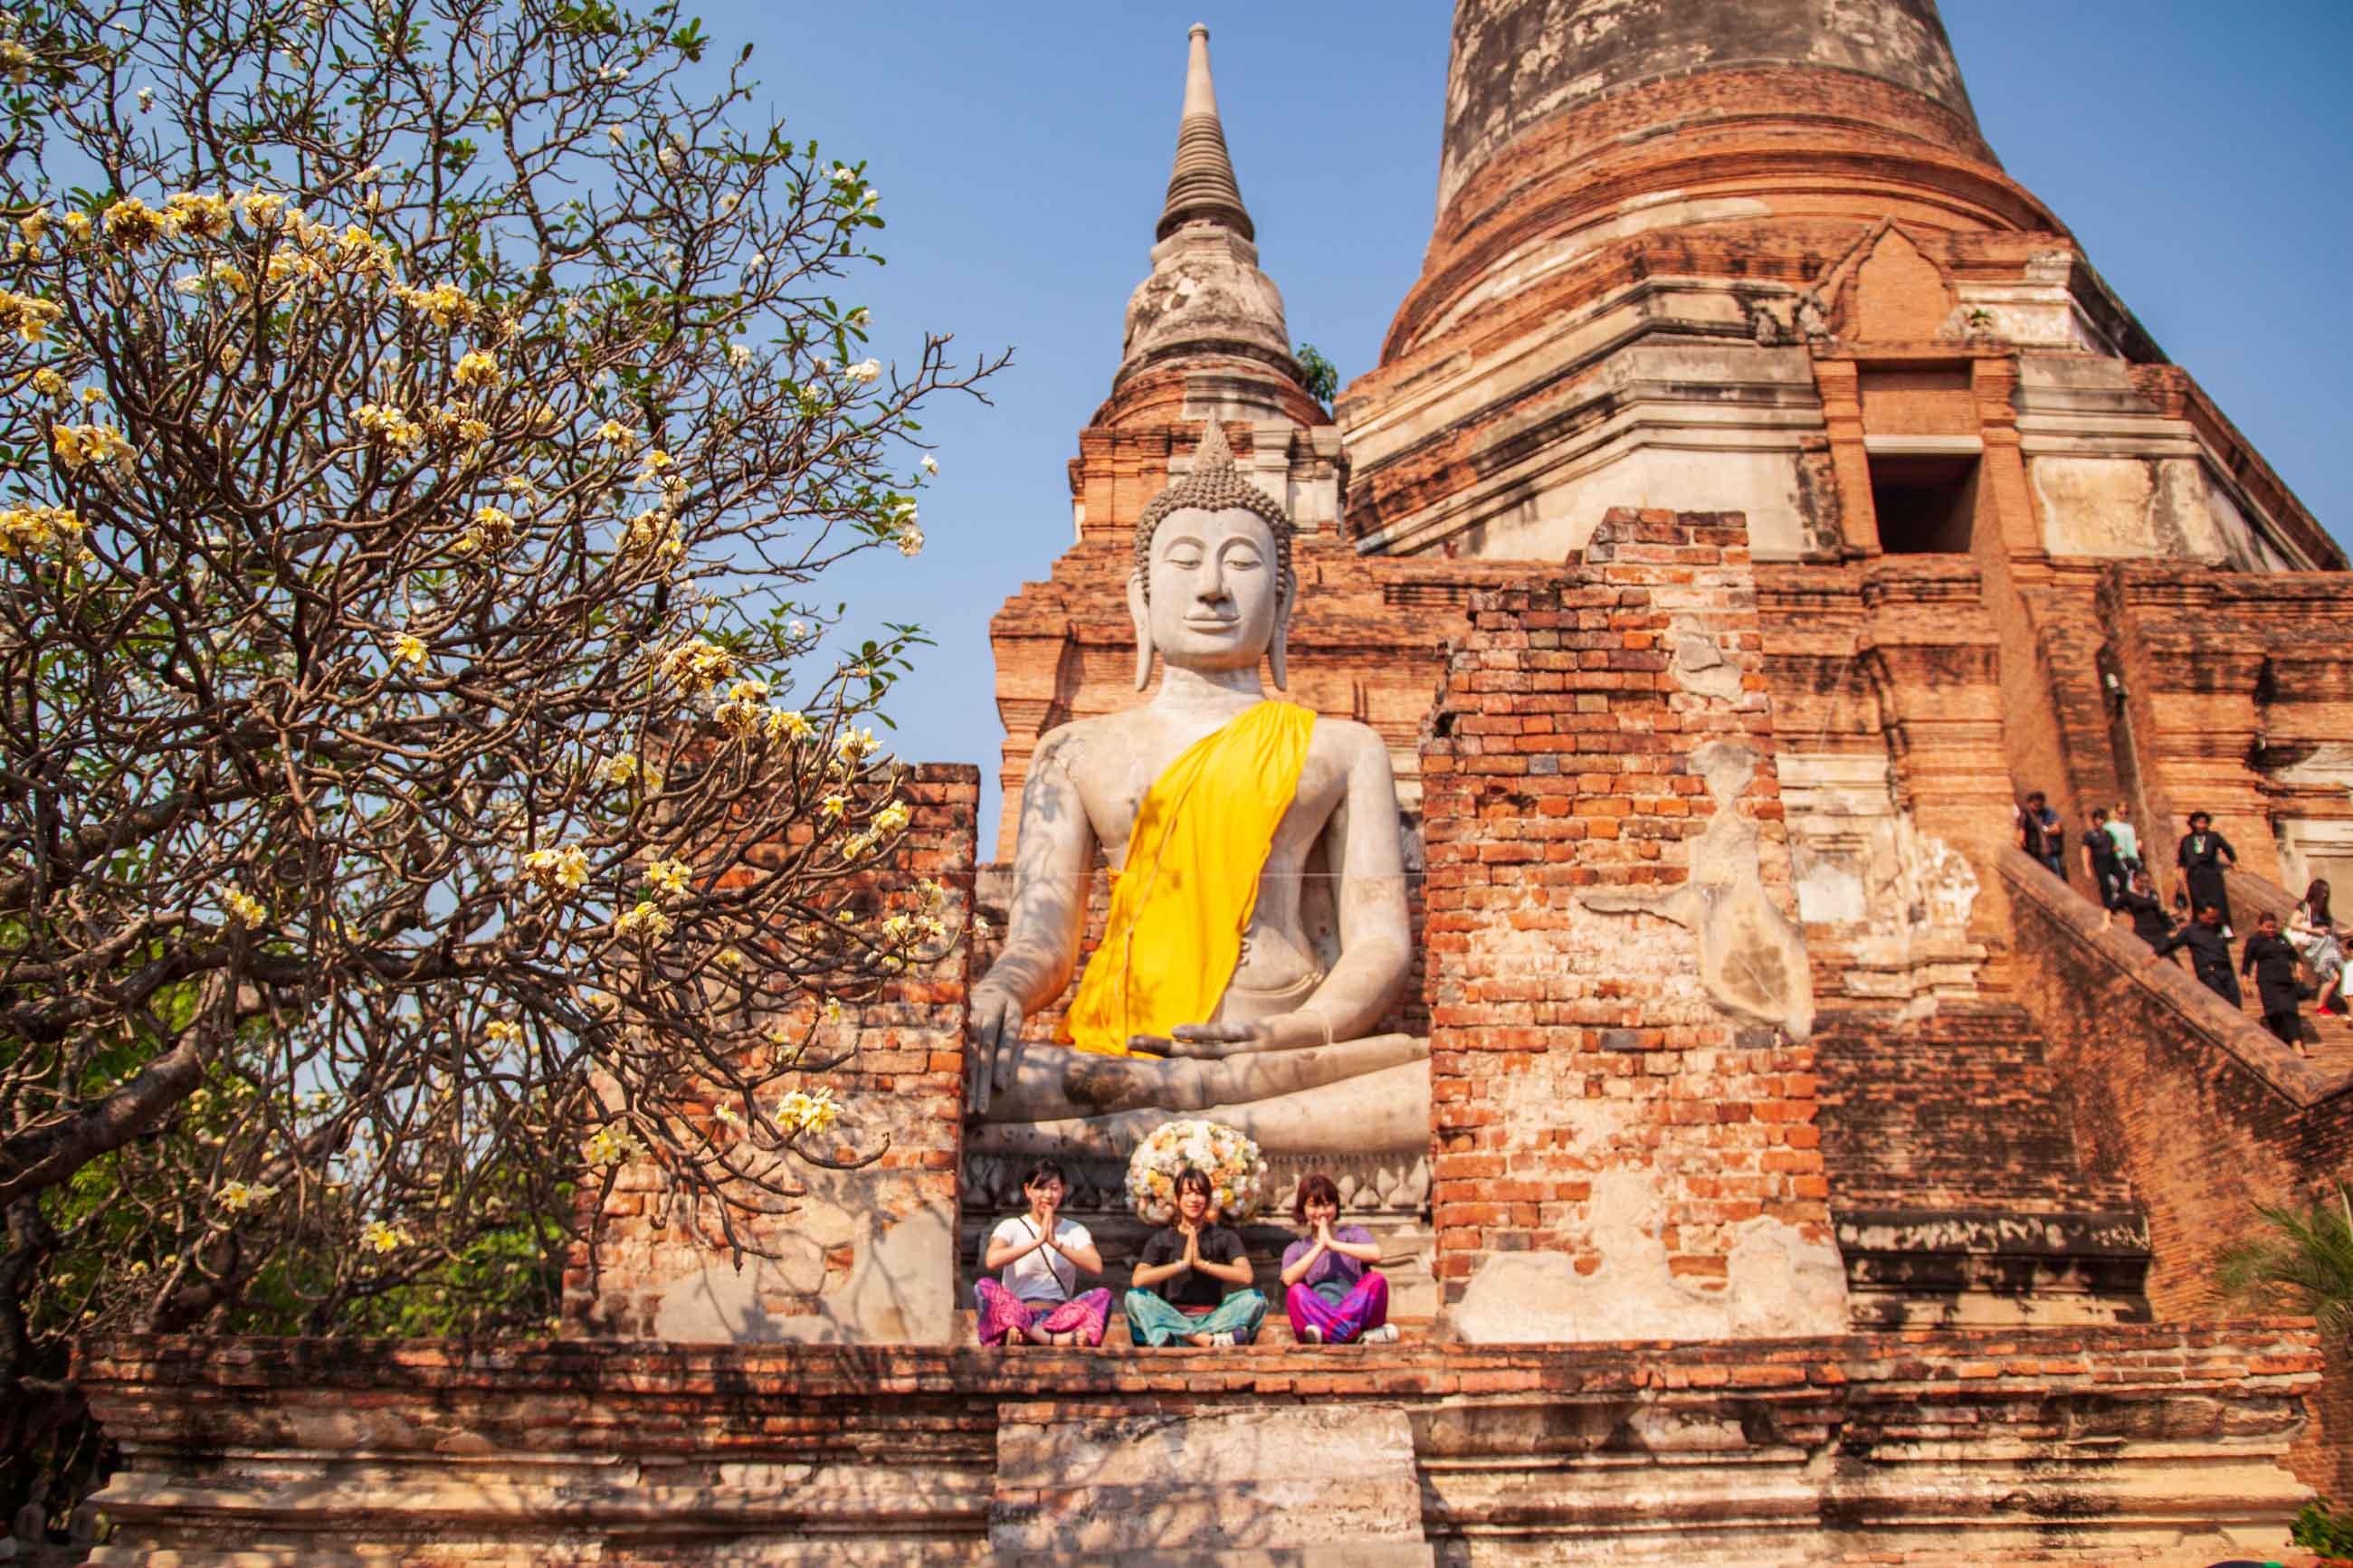 https://bubo.sk/uploads/galleries/5060/zuzkahabekova_thajsko_ayutthaya_img_1548.jpg